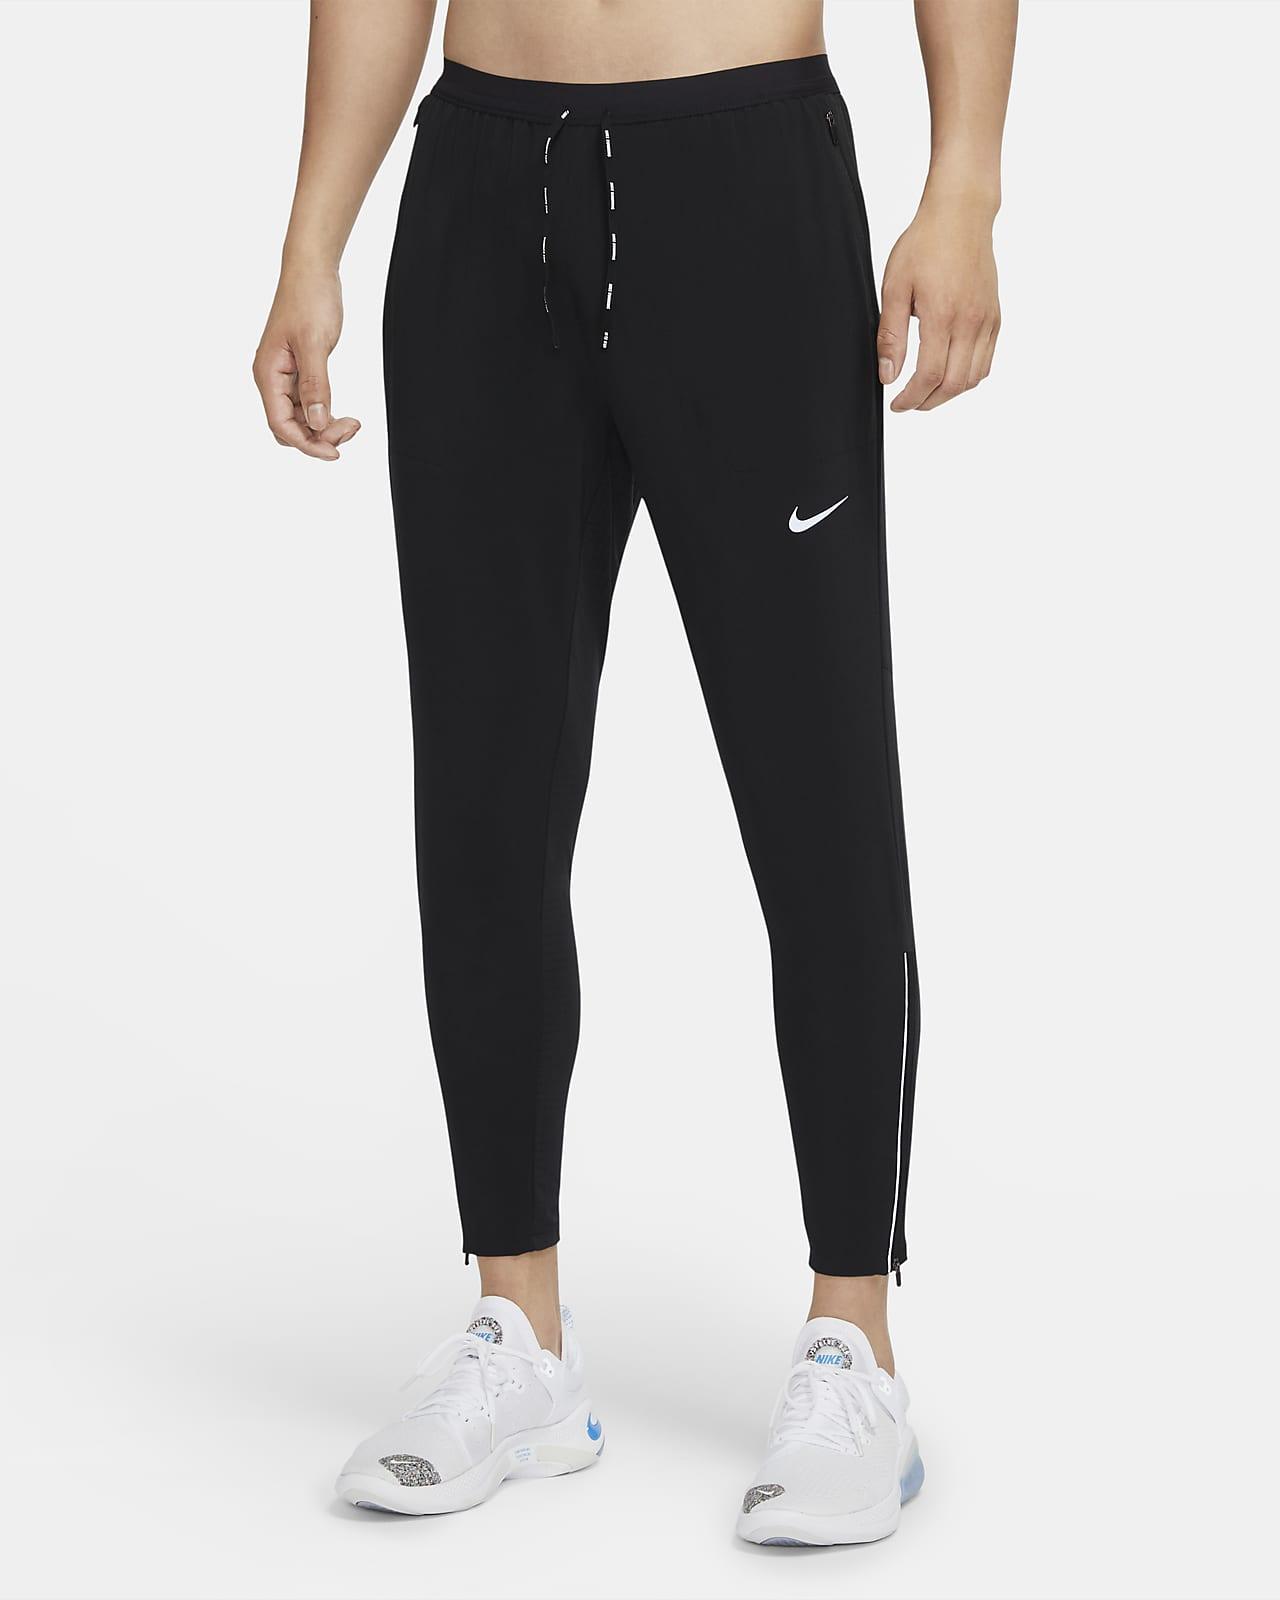 Pantaloni da running in woven Nike Phenom Elite - Uomo